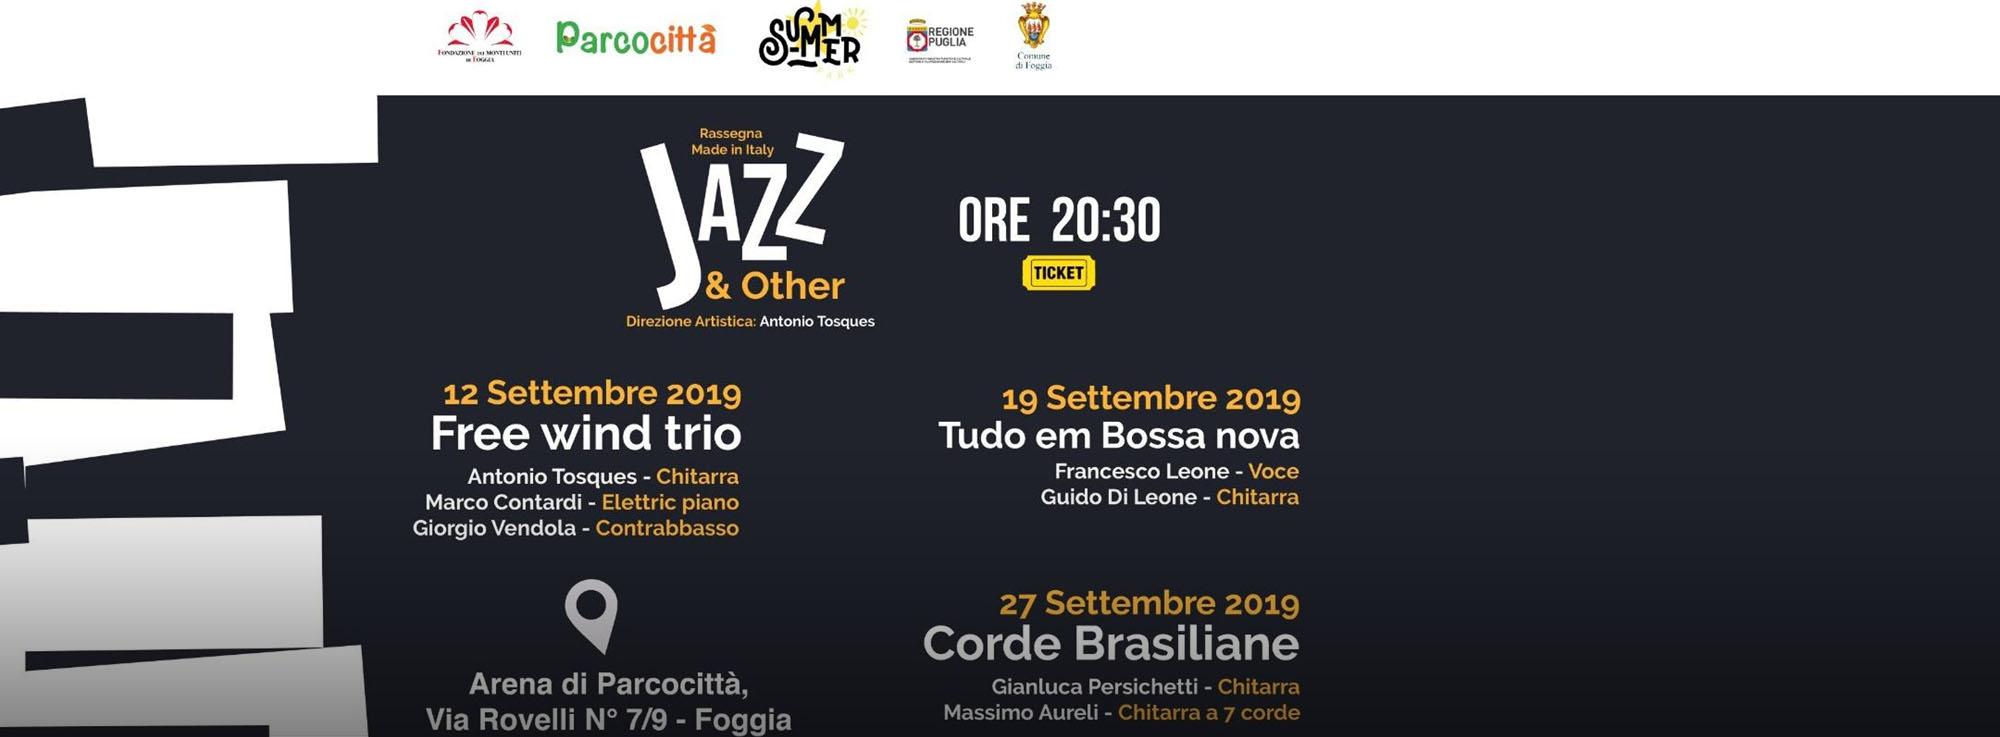 Foggia: Settembre a Parcocittà